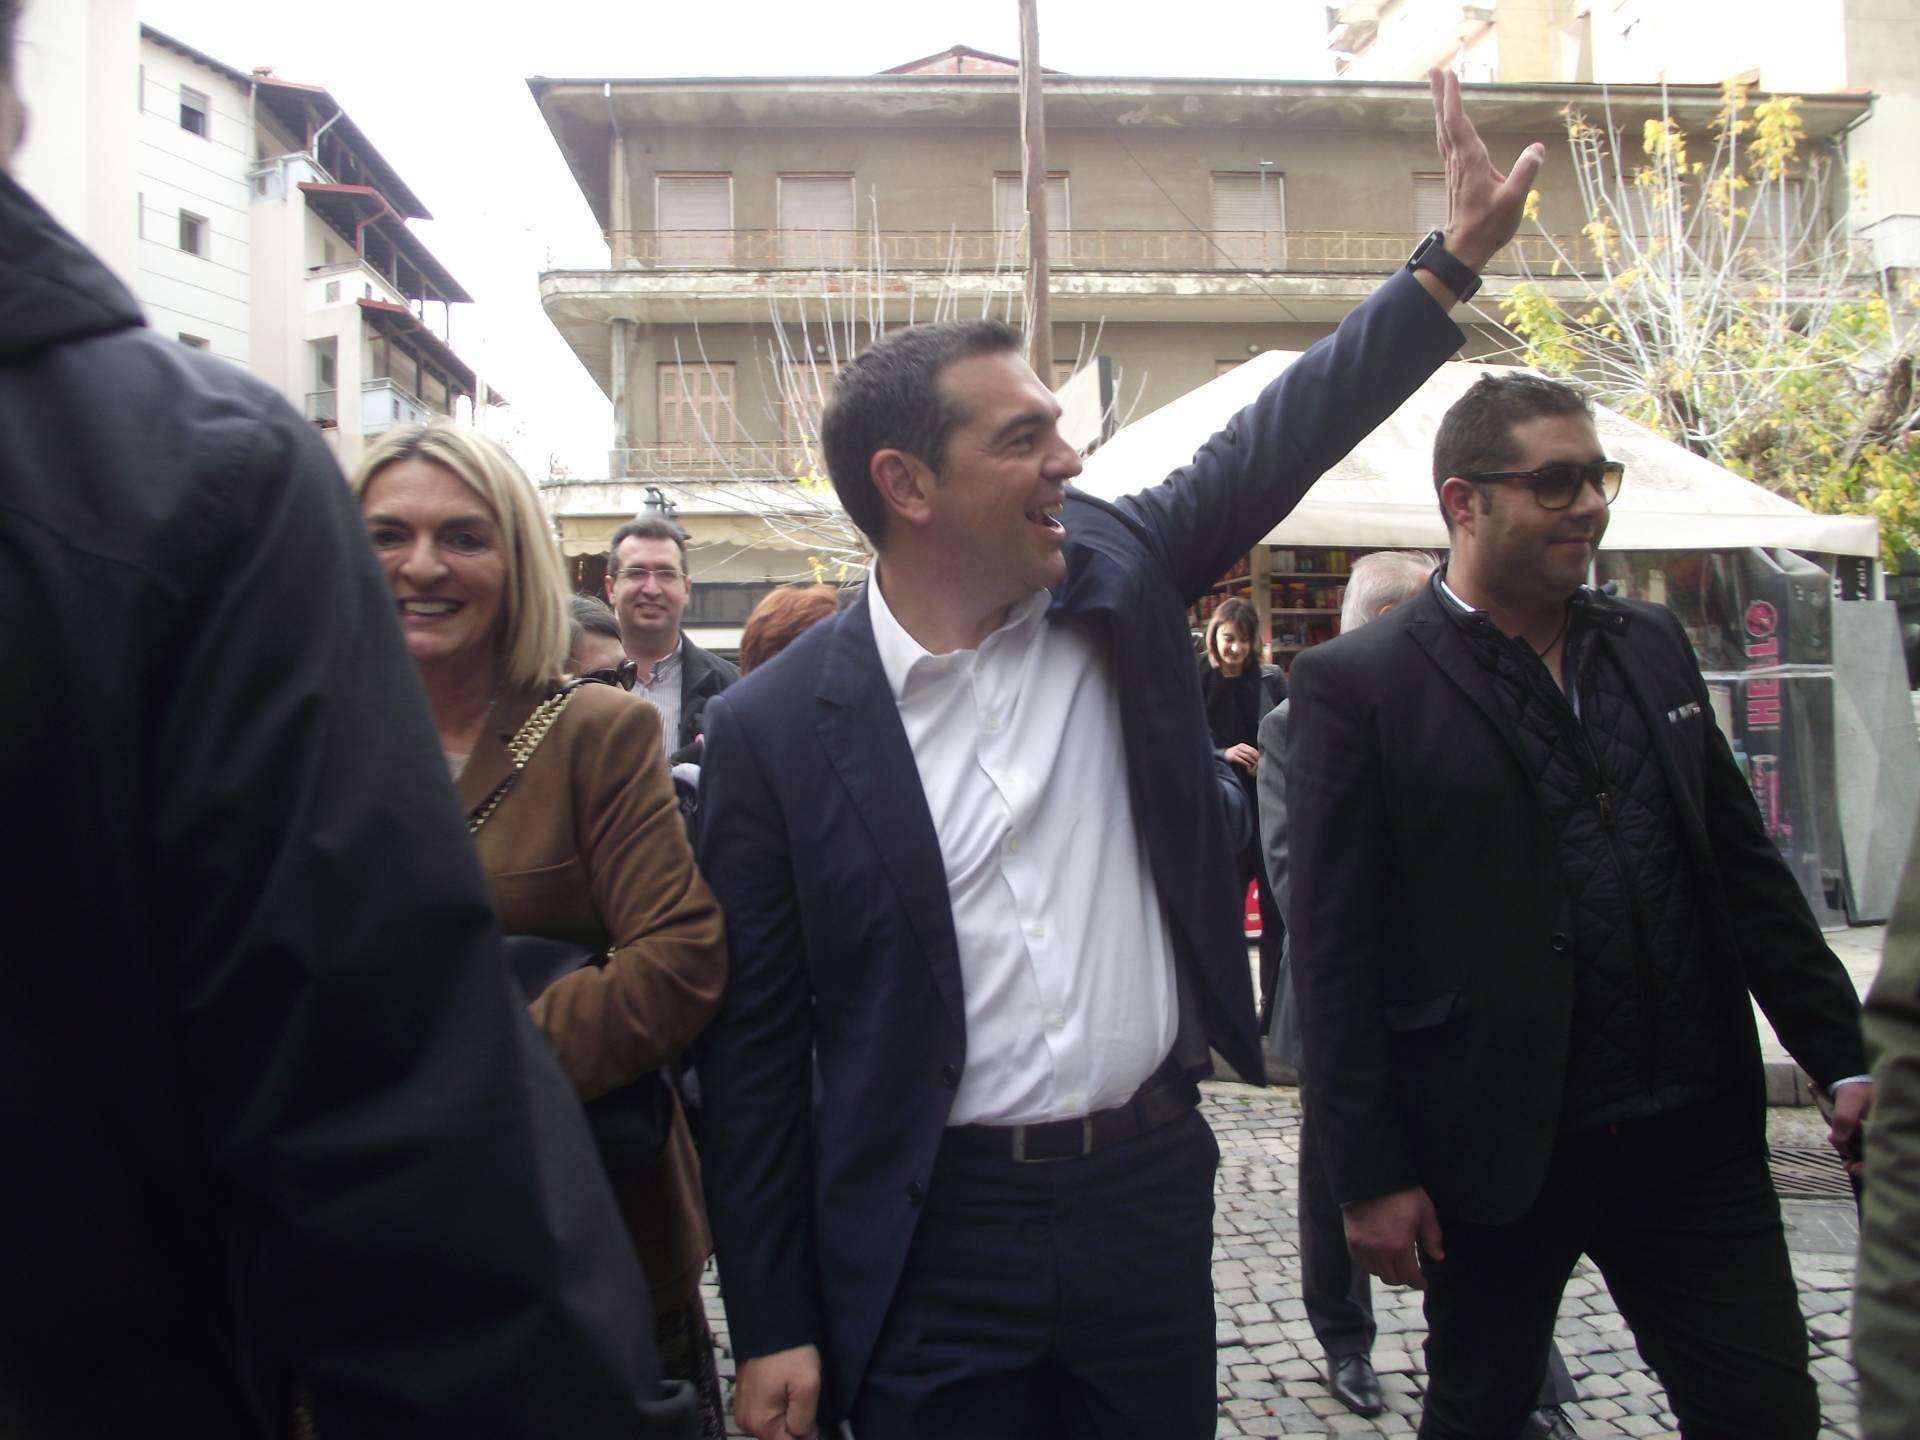 Η ομιλία-διάλογος του προέδρου του ΣΥΡΙΖΑ κ.Αλέξη Τσίπρα στους δρόμους της πόλης των Γρεβενών (Βίντεο – Φωτογραφίες)